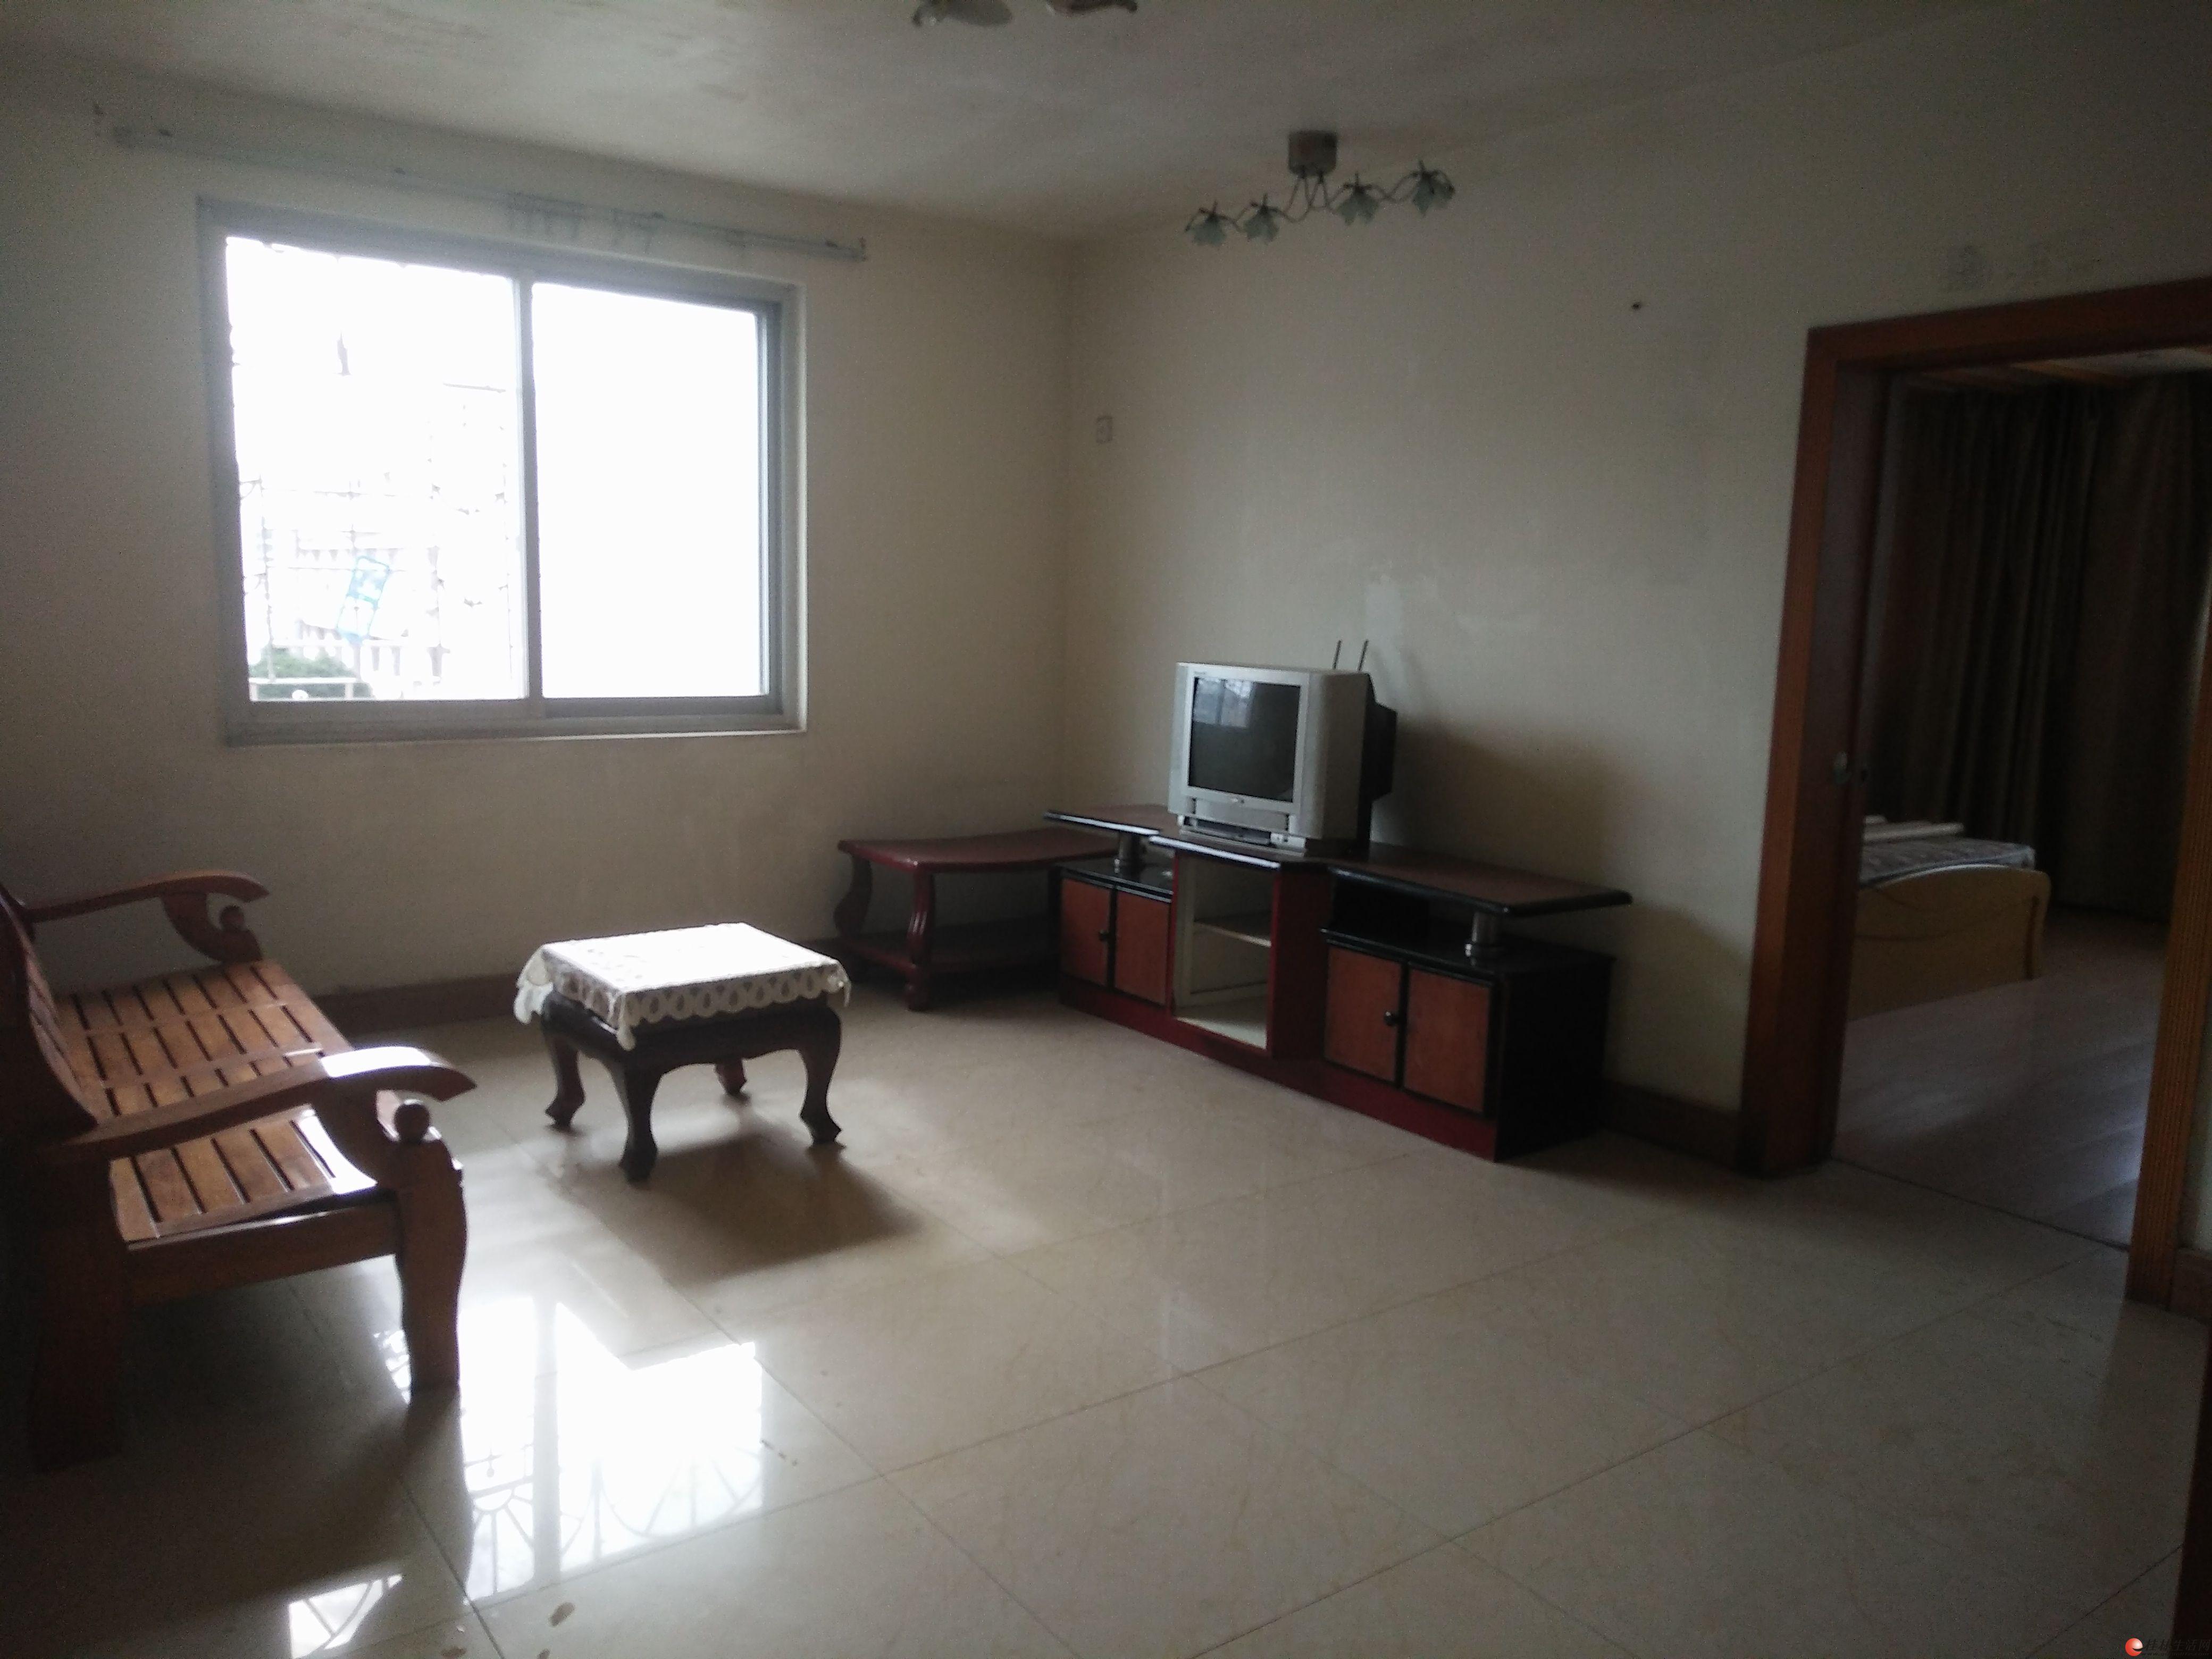 甲天下广场附近,建行宿舍,2房,1500元/月,家电家具齐全。